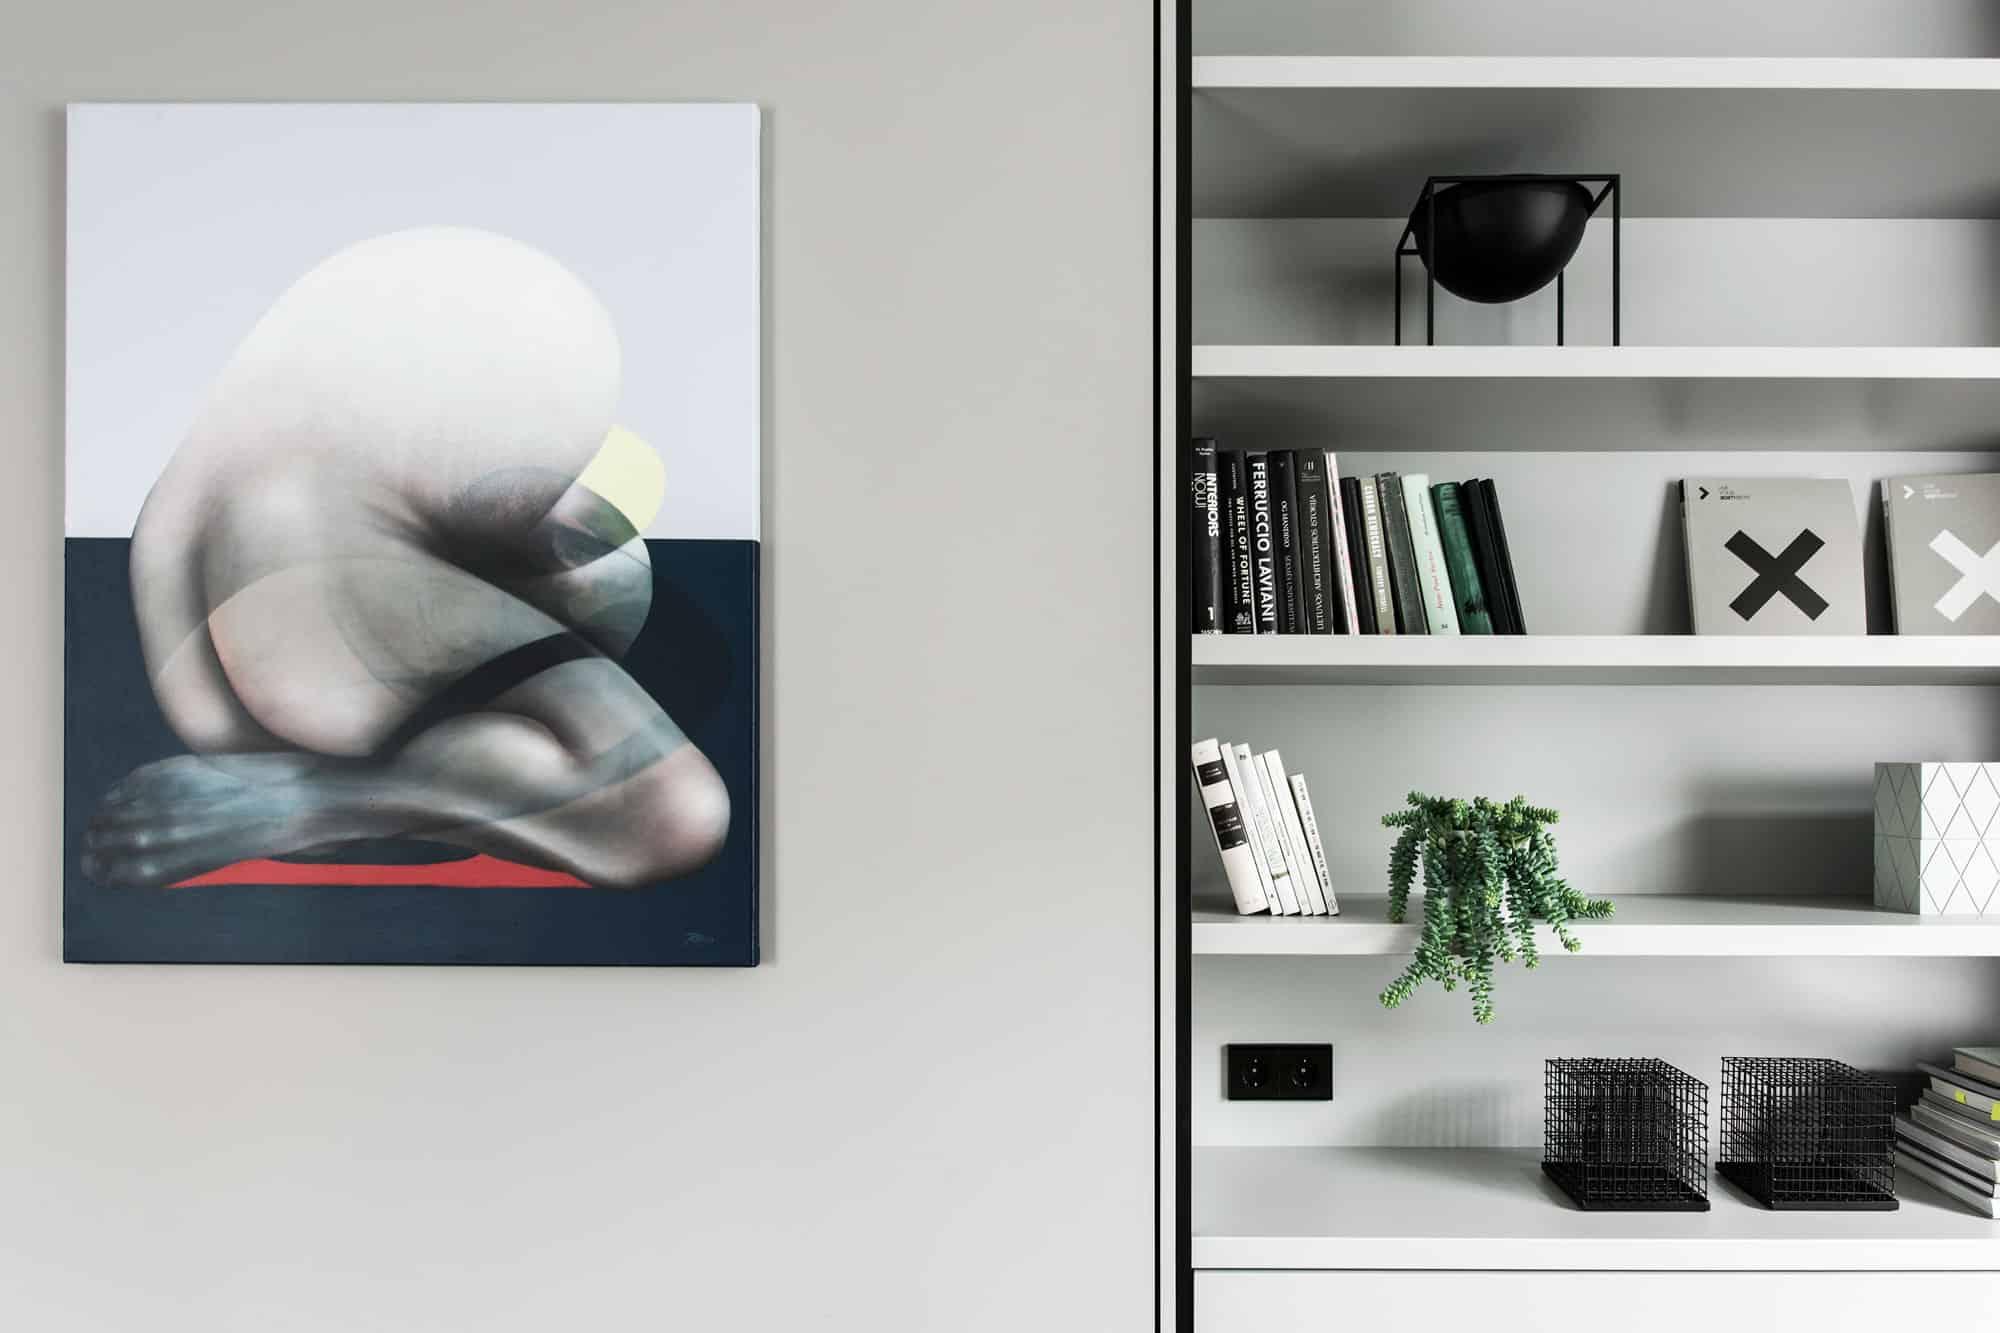 Apartment-interior-in-Basanavicius-street-03